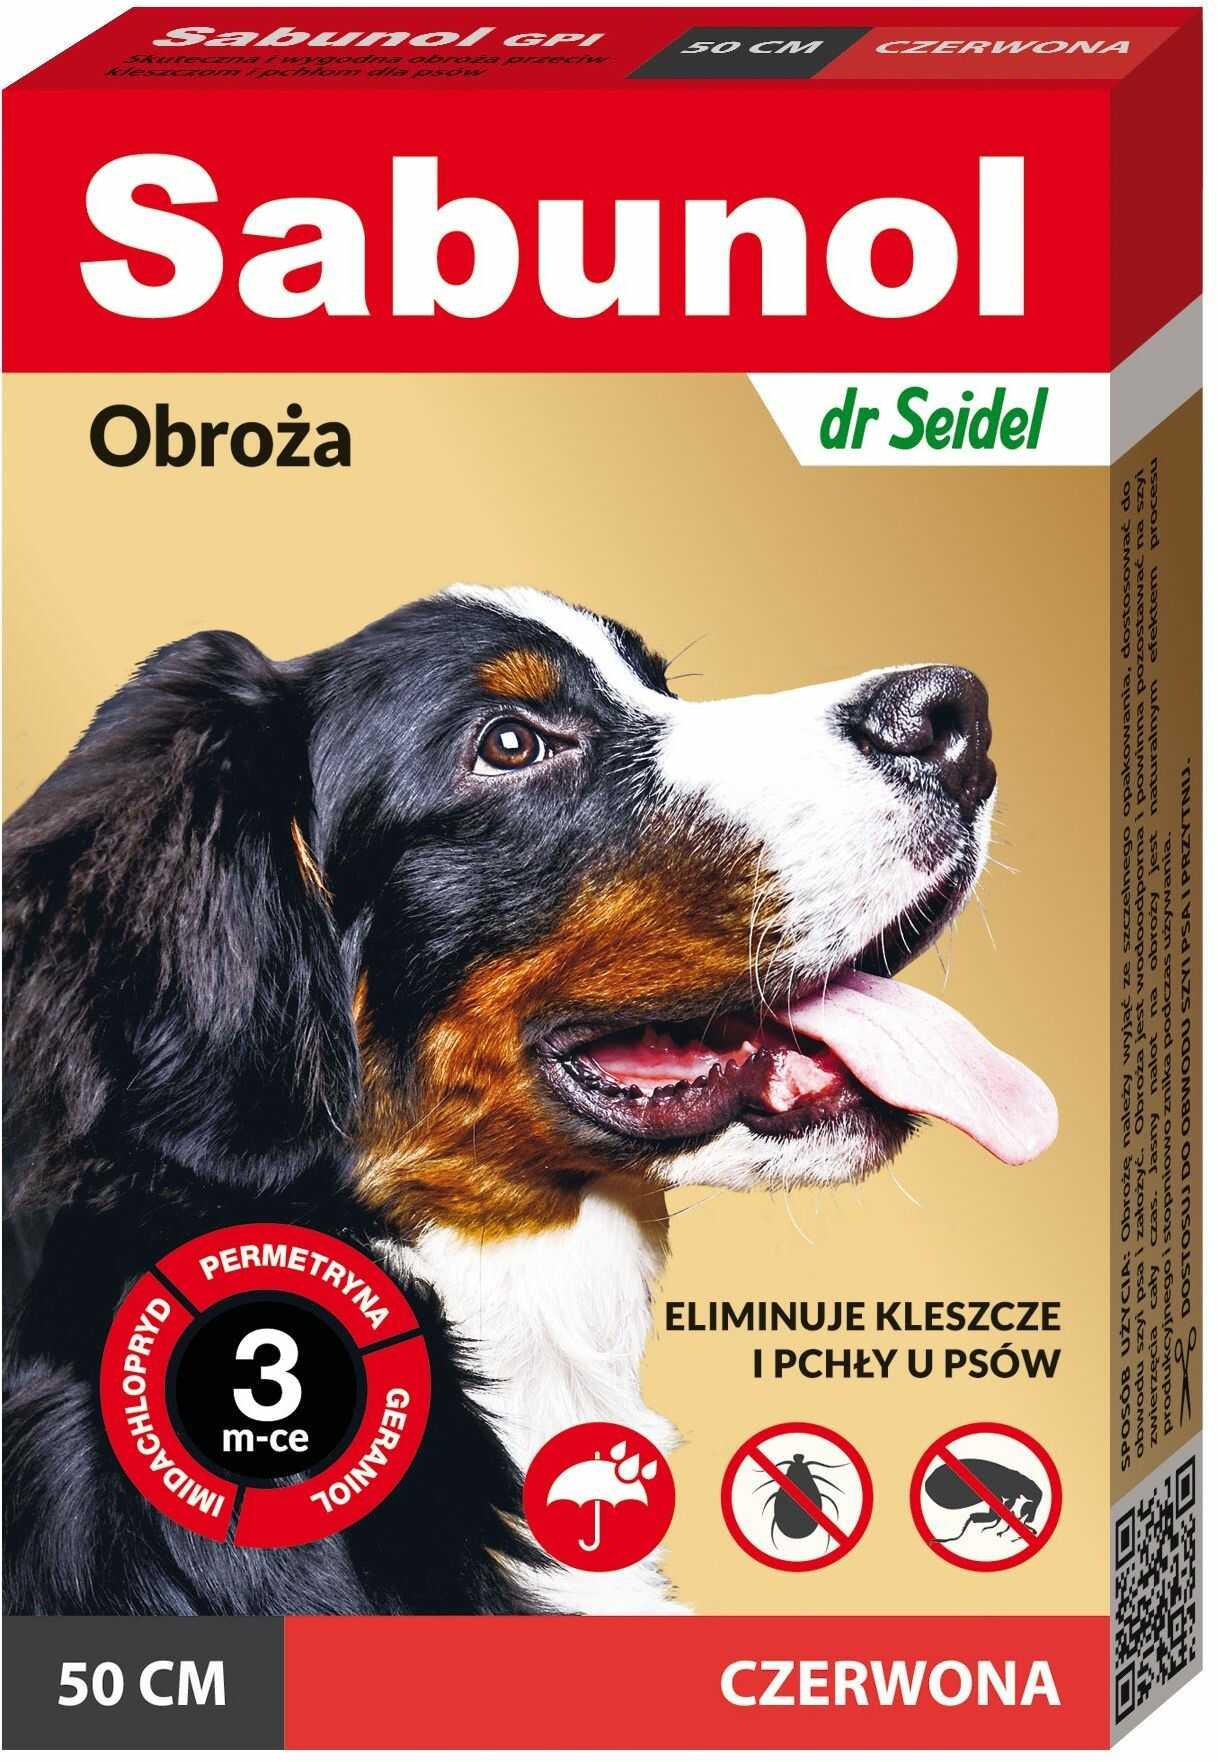 Sabunol GPIl czerwona obroża przeciwko pchłom i kleszczom dla psa 50 cm